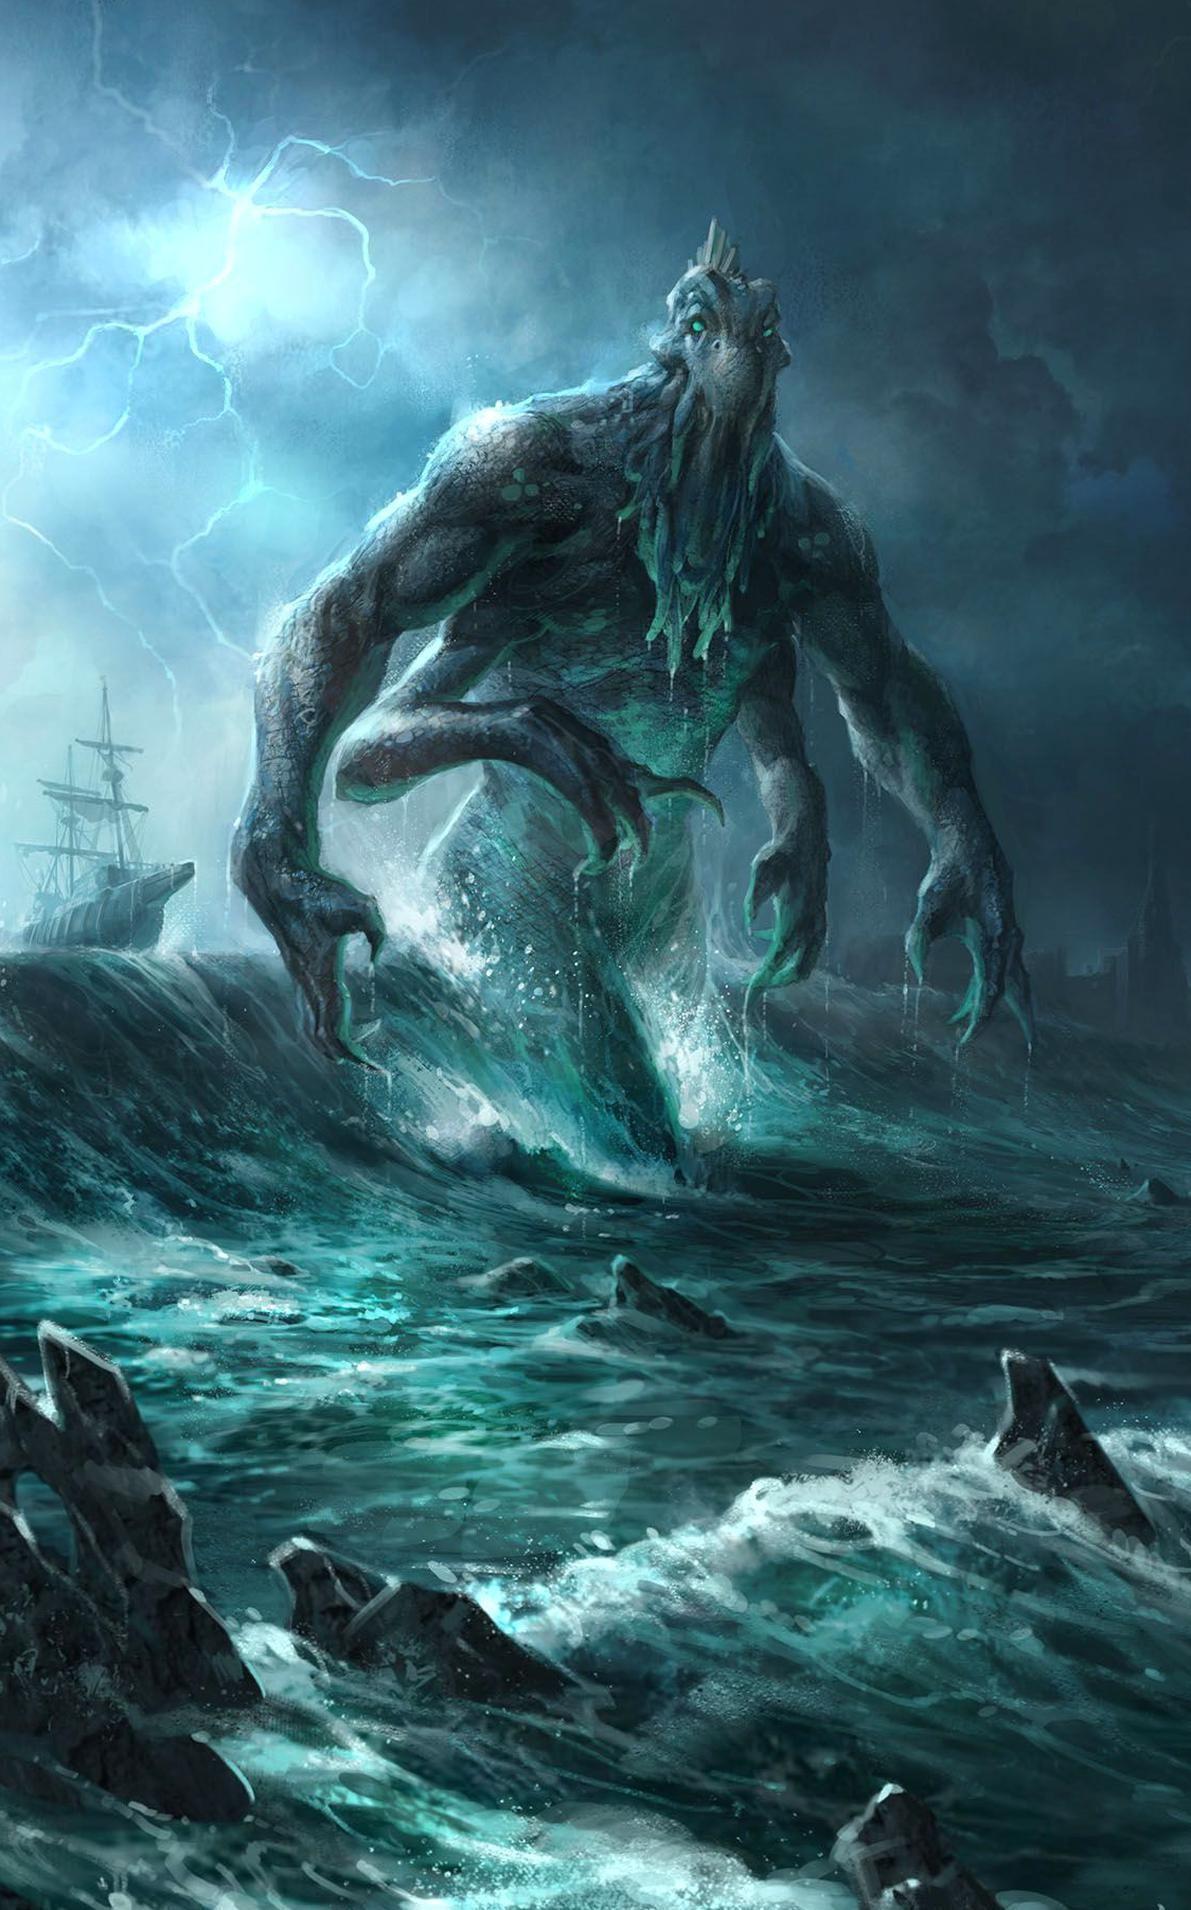 sea creature #sea #creature #monster #gigant #giant #ocean #dark #fant